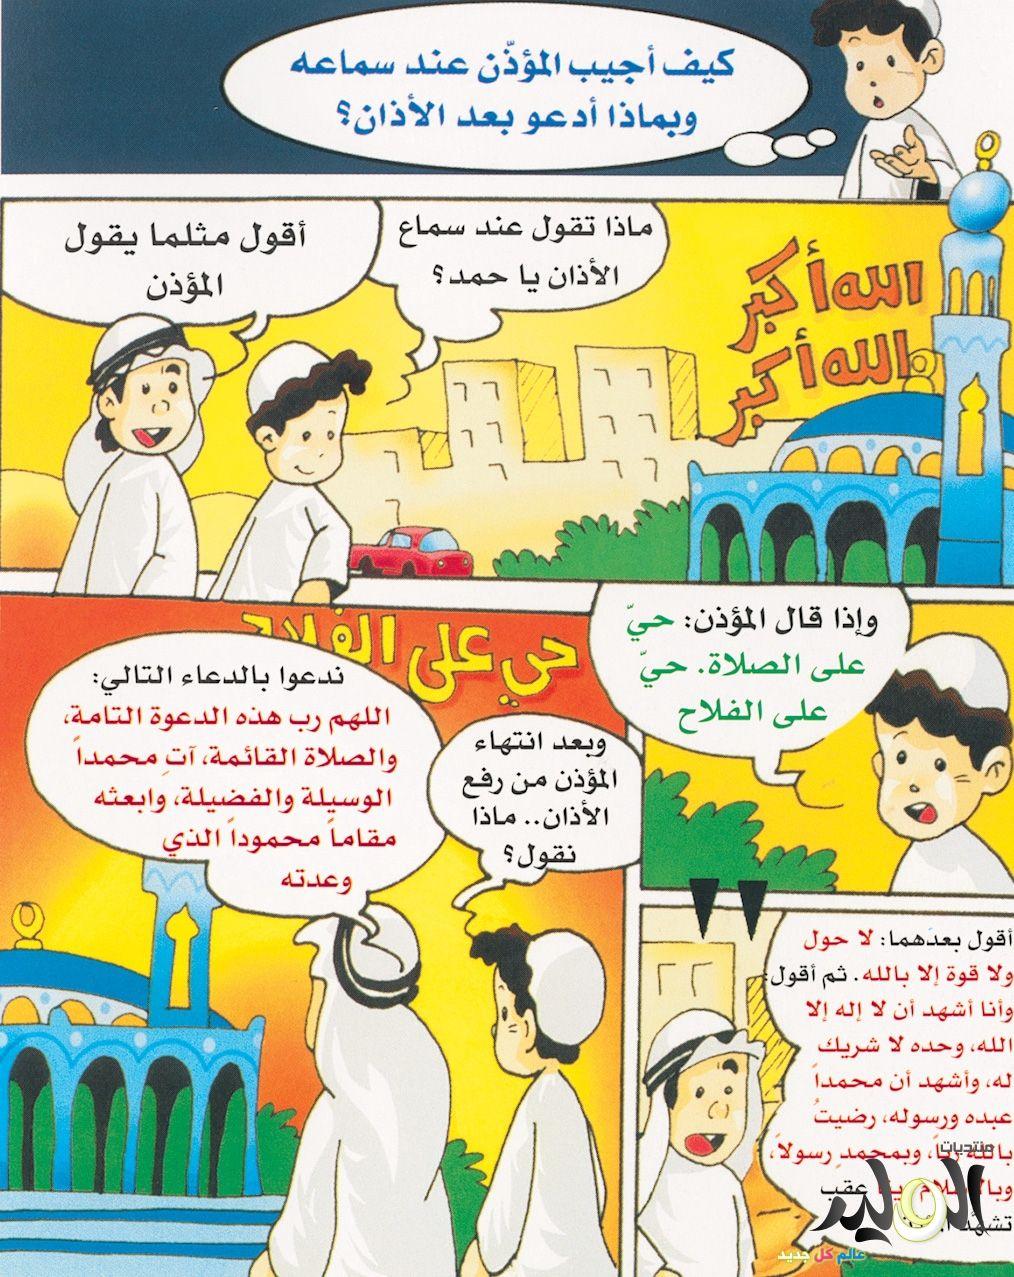 قصص اطفال دينية مصورة 2018 قصص اطفال اسلامية مصورة 2018 الوليد Islamic Kids Activities Muslim Kids Activities Islam For Kids